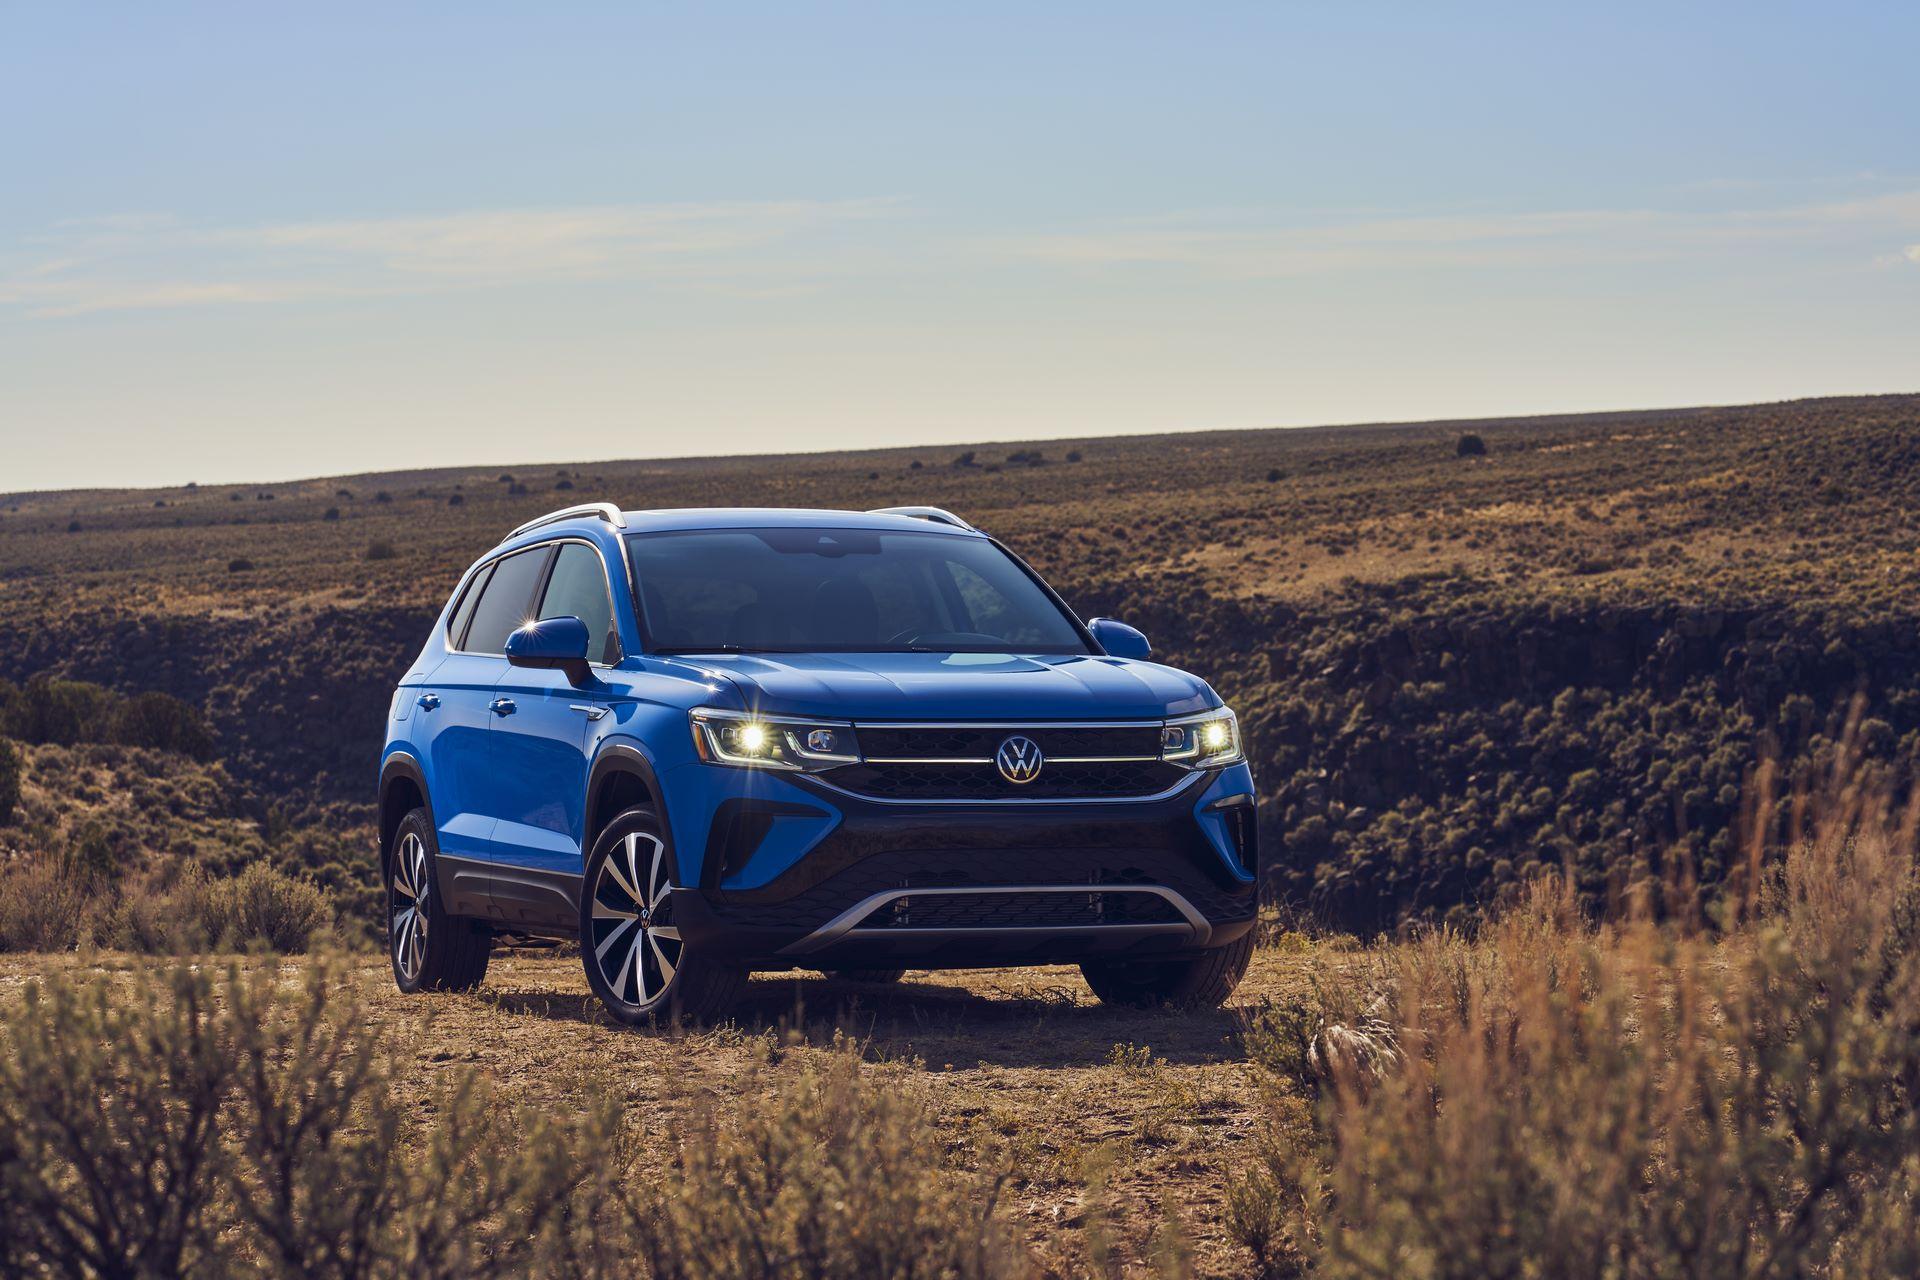 Volkswagen-Taos-2020-22